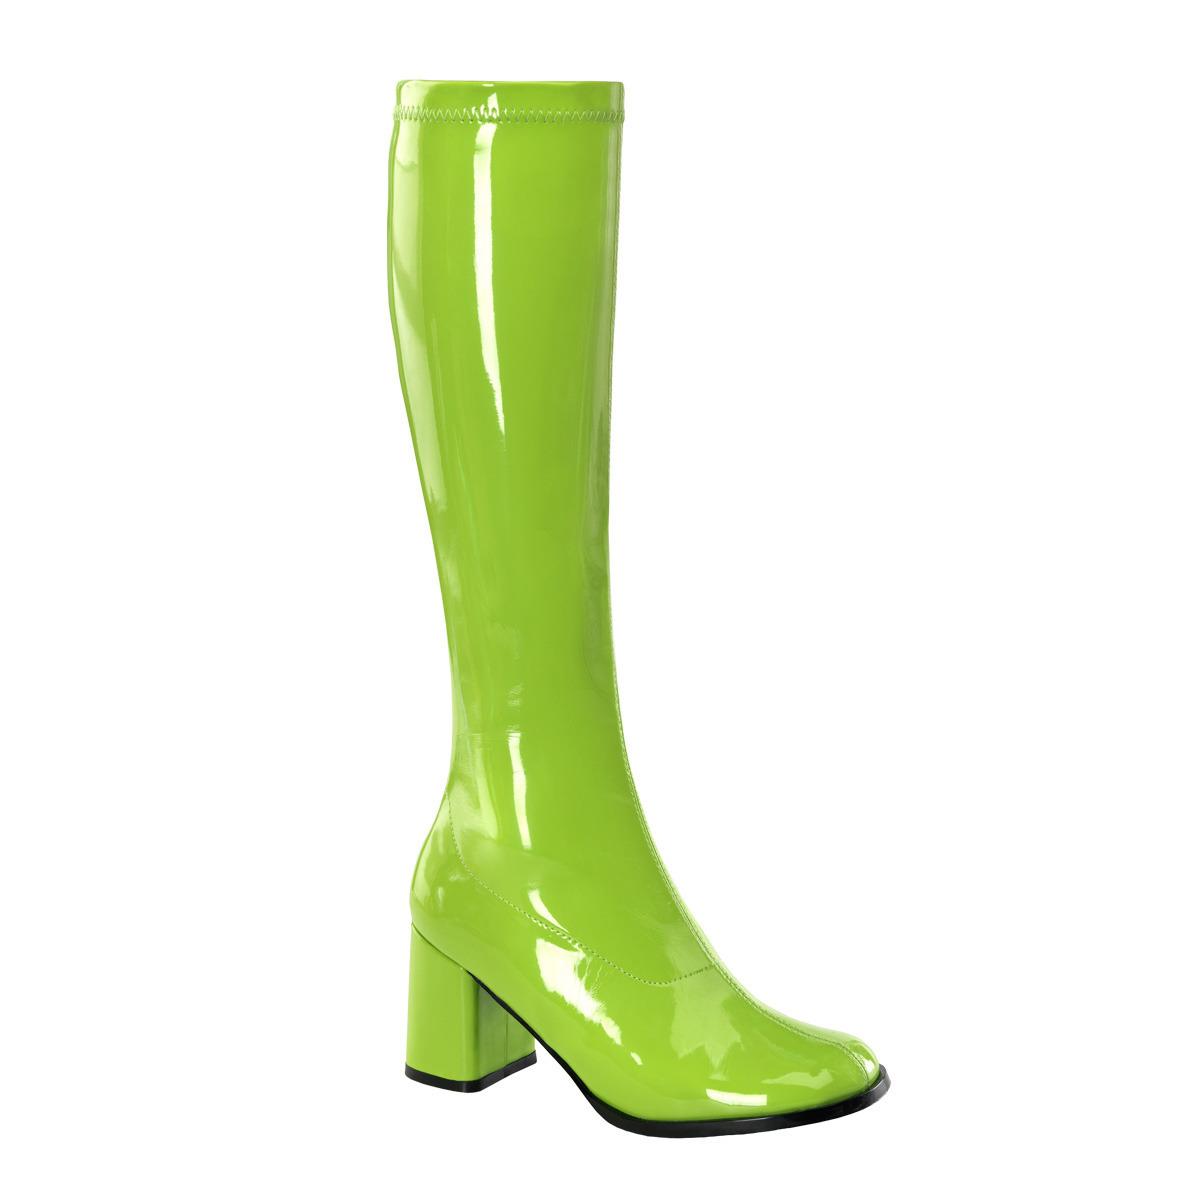 Retro dames laarzen groen